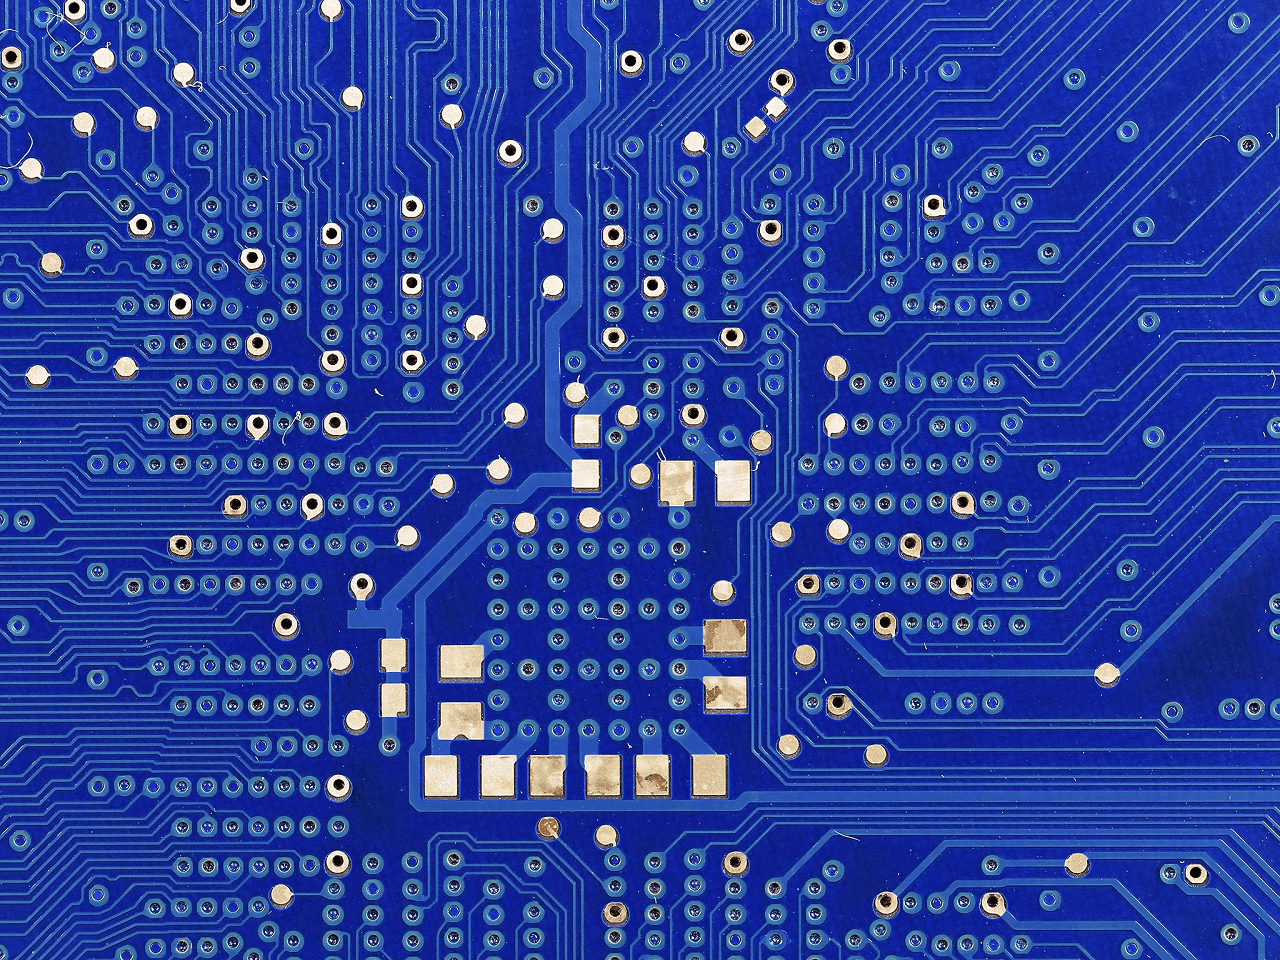 Otomotivde Mikroçip Temini Sıkıntıları Üretimi Olumsuz Etkiliyor